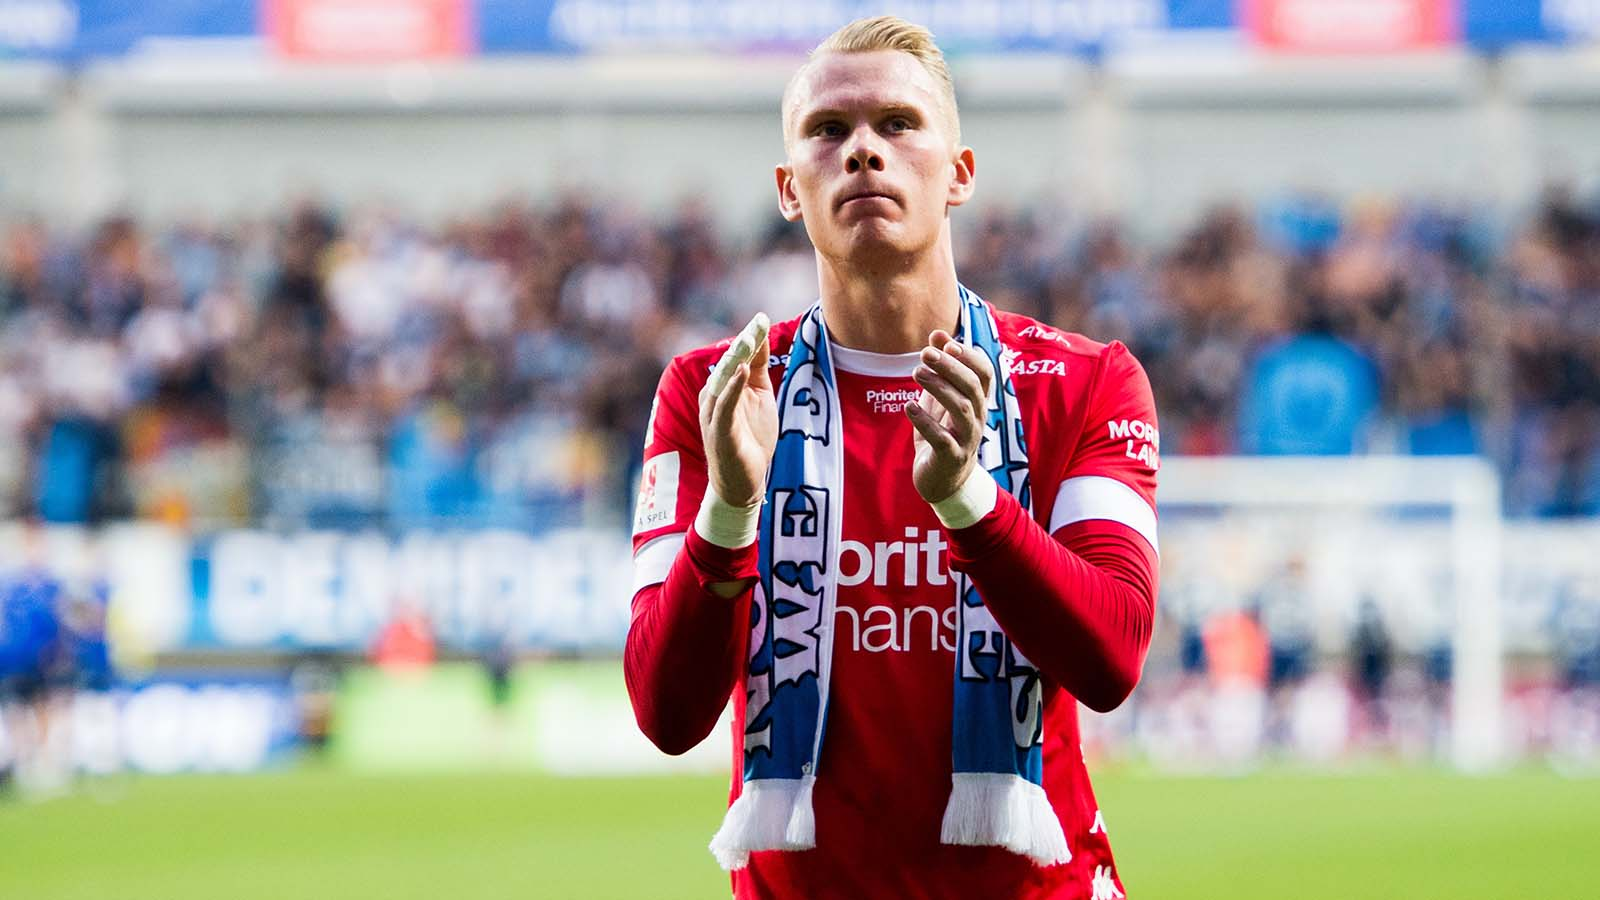 180524 IFK Göteborgs målvakt Pontus Dahlberg efter fotbollsmatchen i Allsvenskan mellan IFK Göteborg och Djurgården den 24 maj 2018 i Göteborg. Foto: Carl Sandin / BILDBYRÅN / kod CS / 57999_356